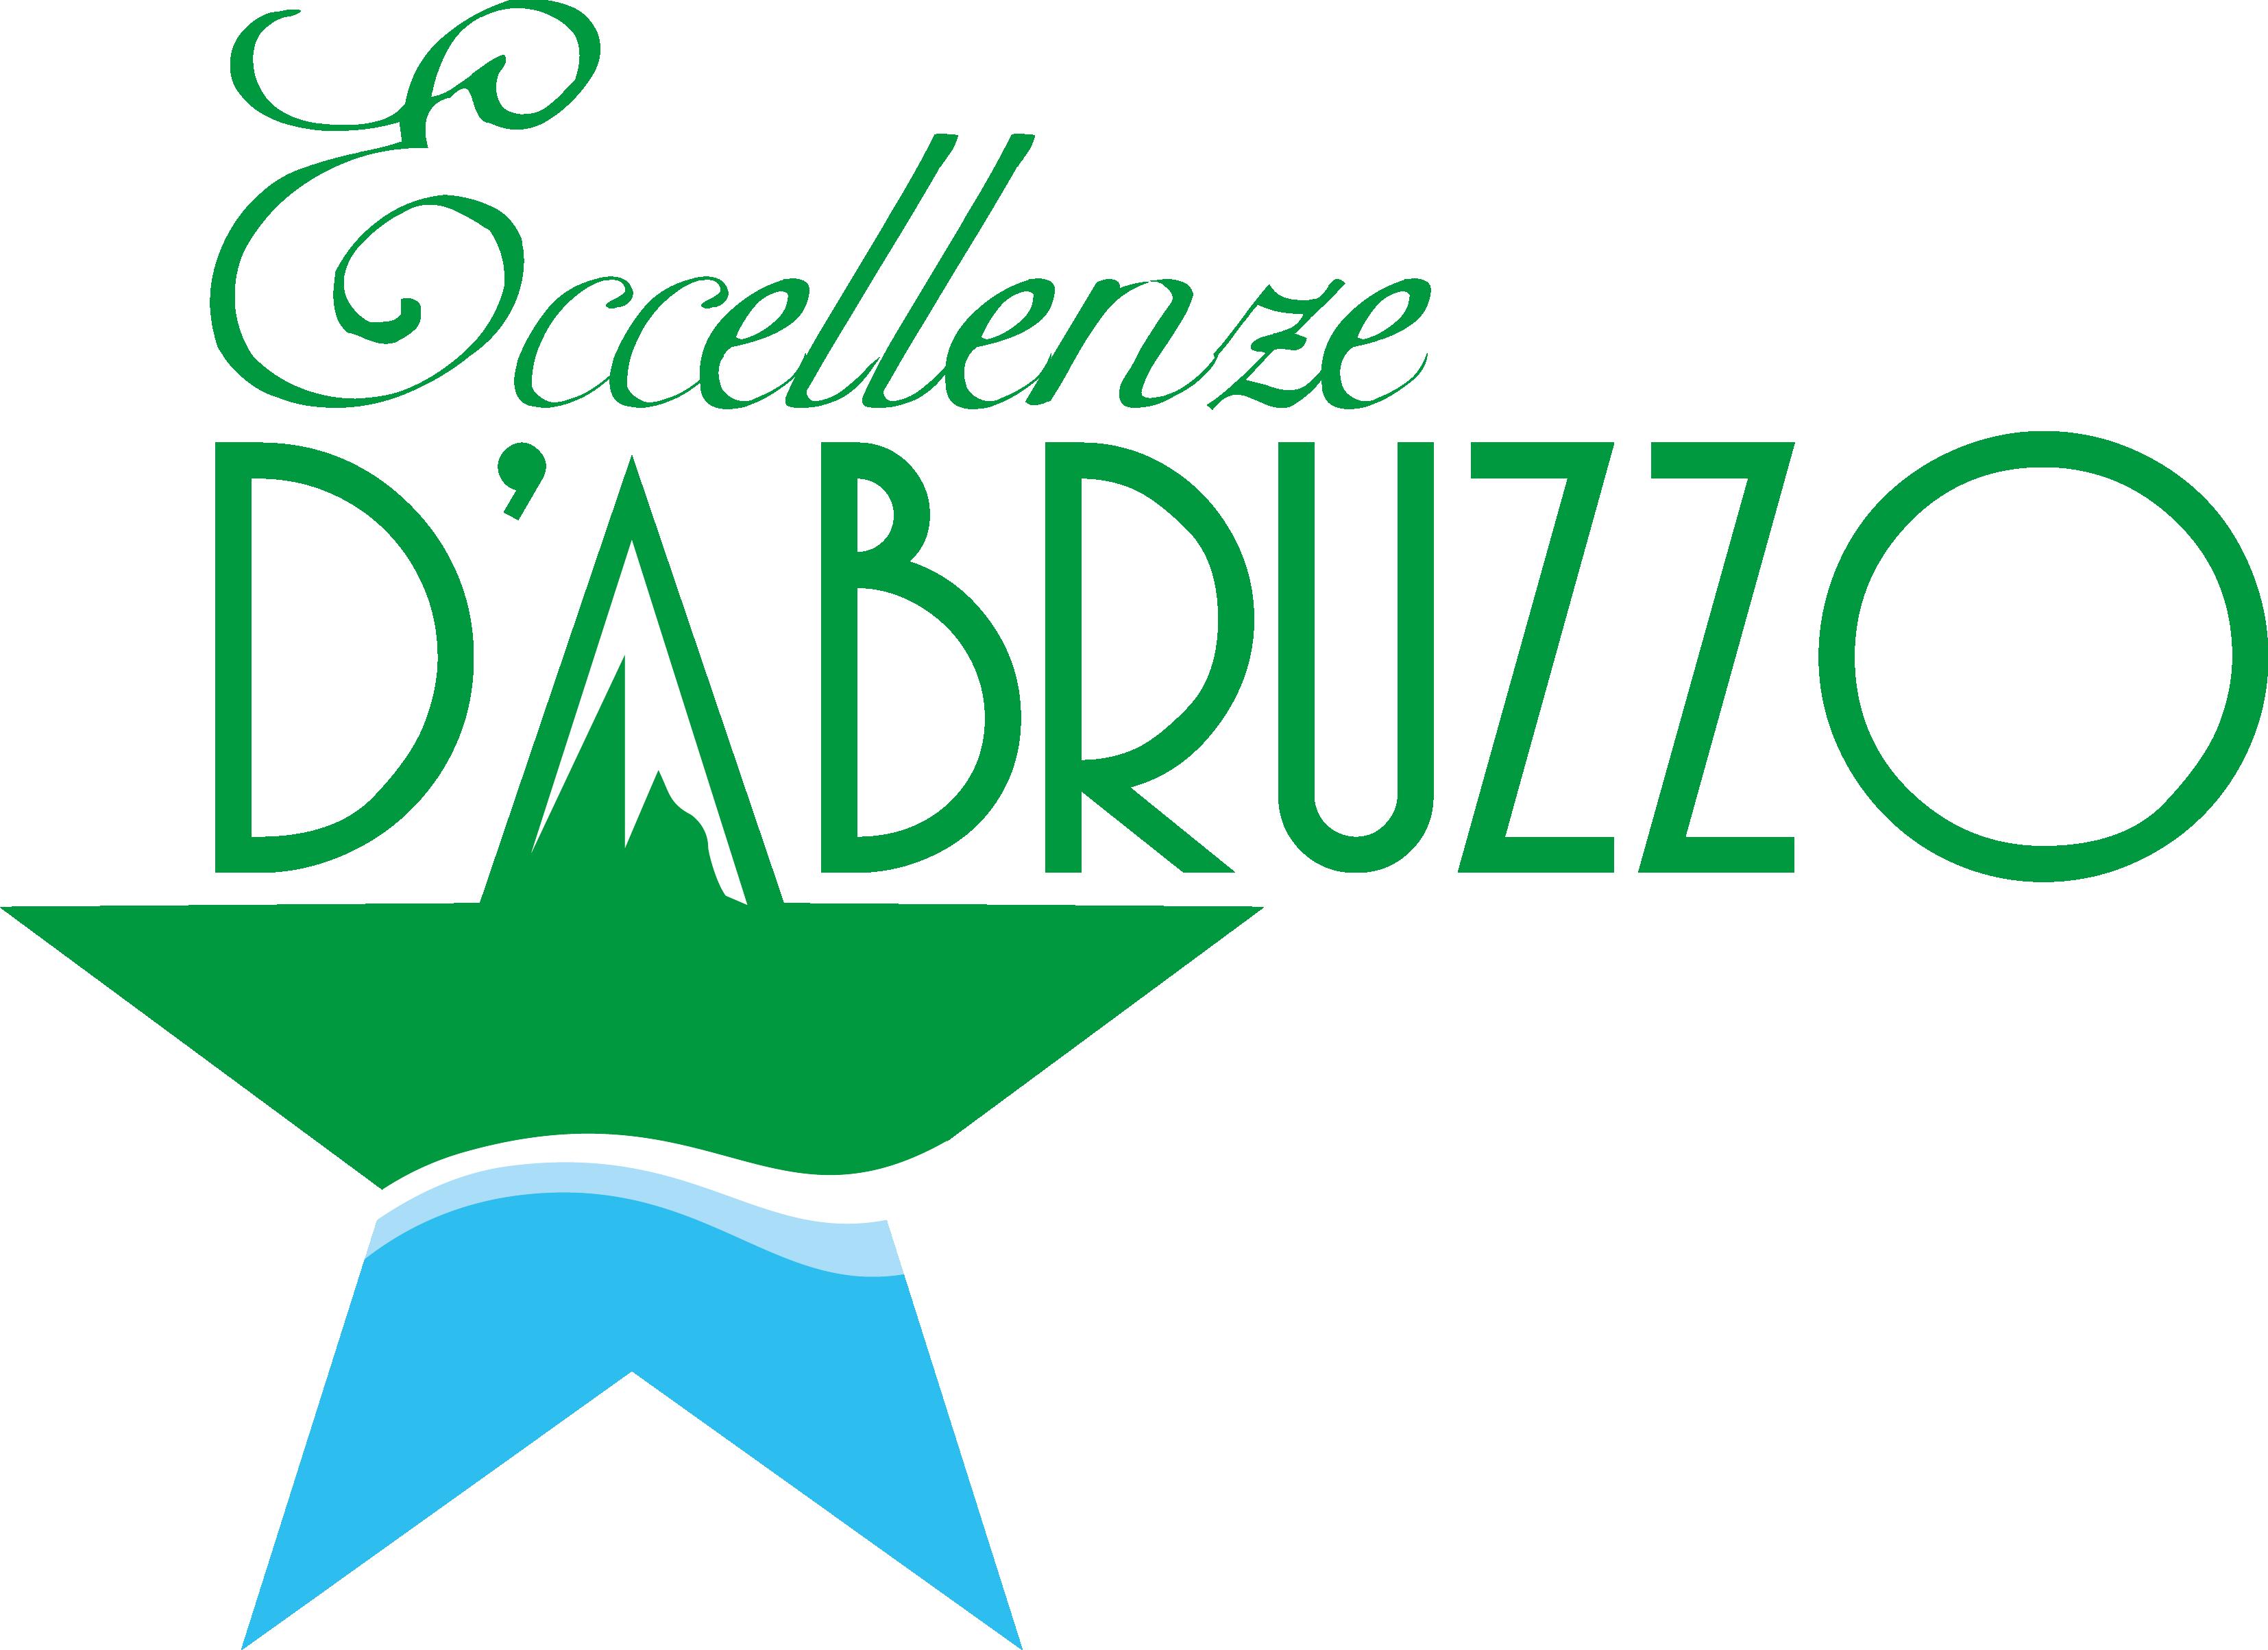 Eccellenze d'Abruzzo